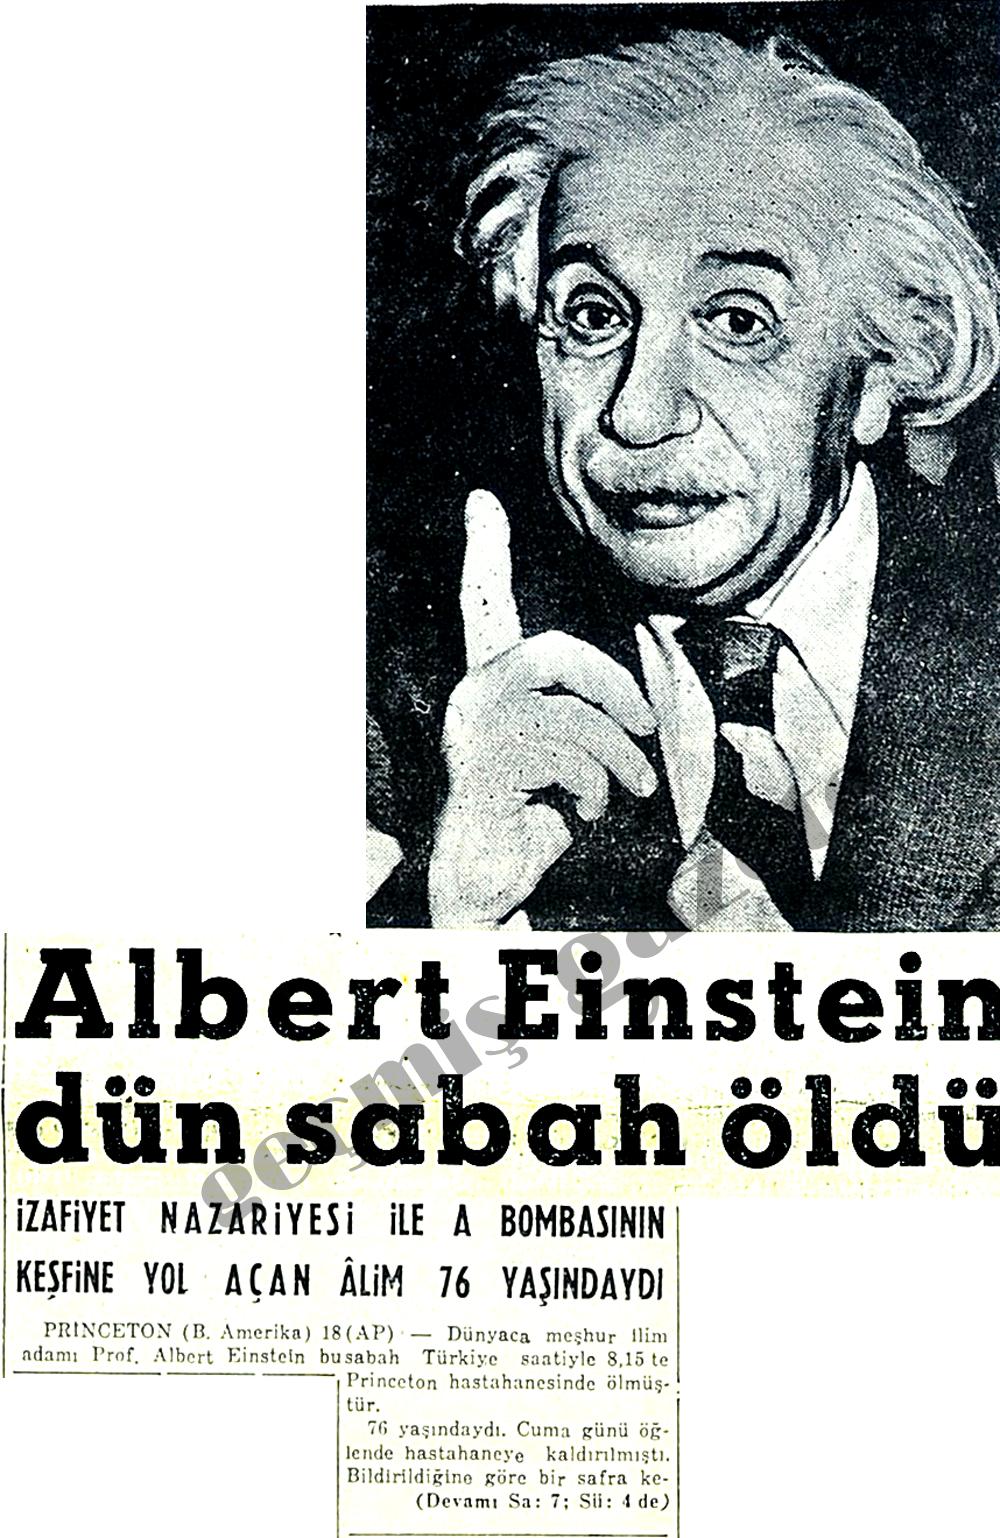 Albert Einstein dün sabah öldü